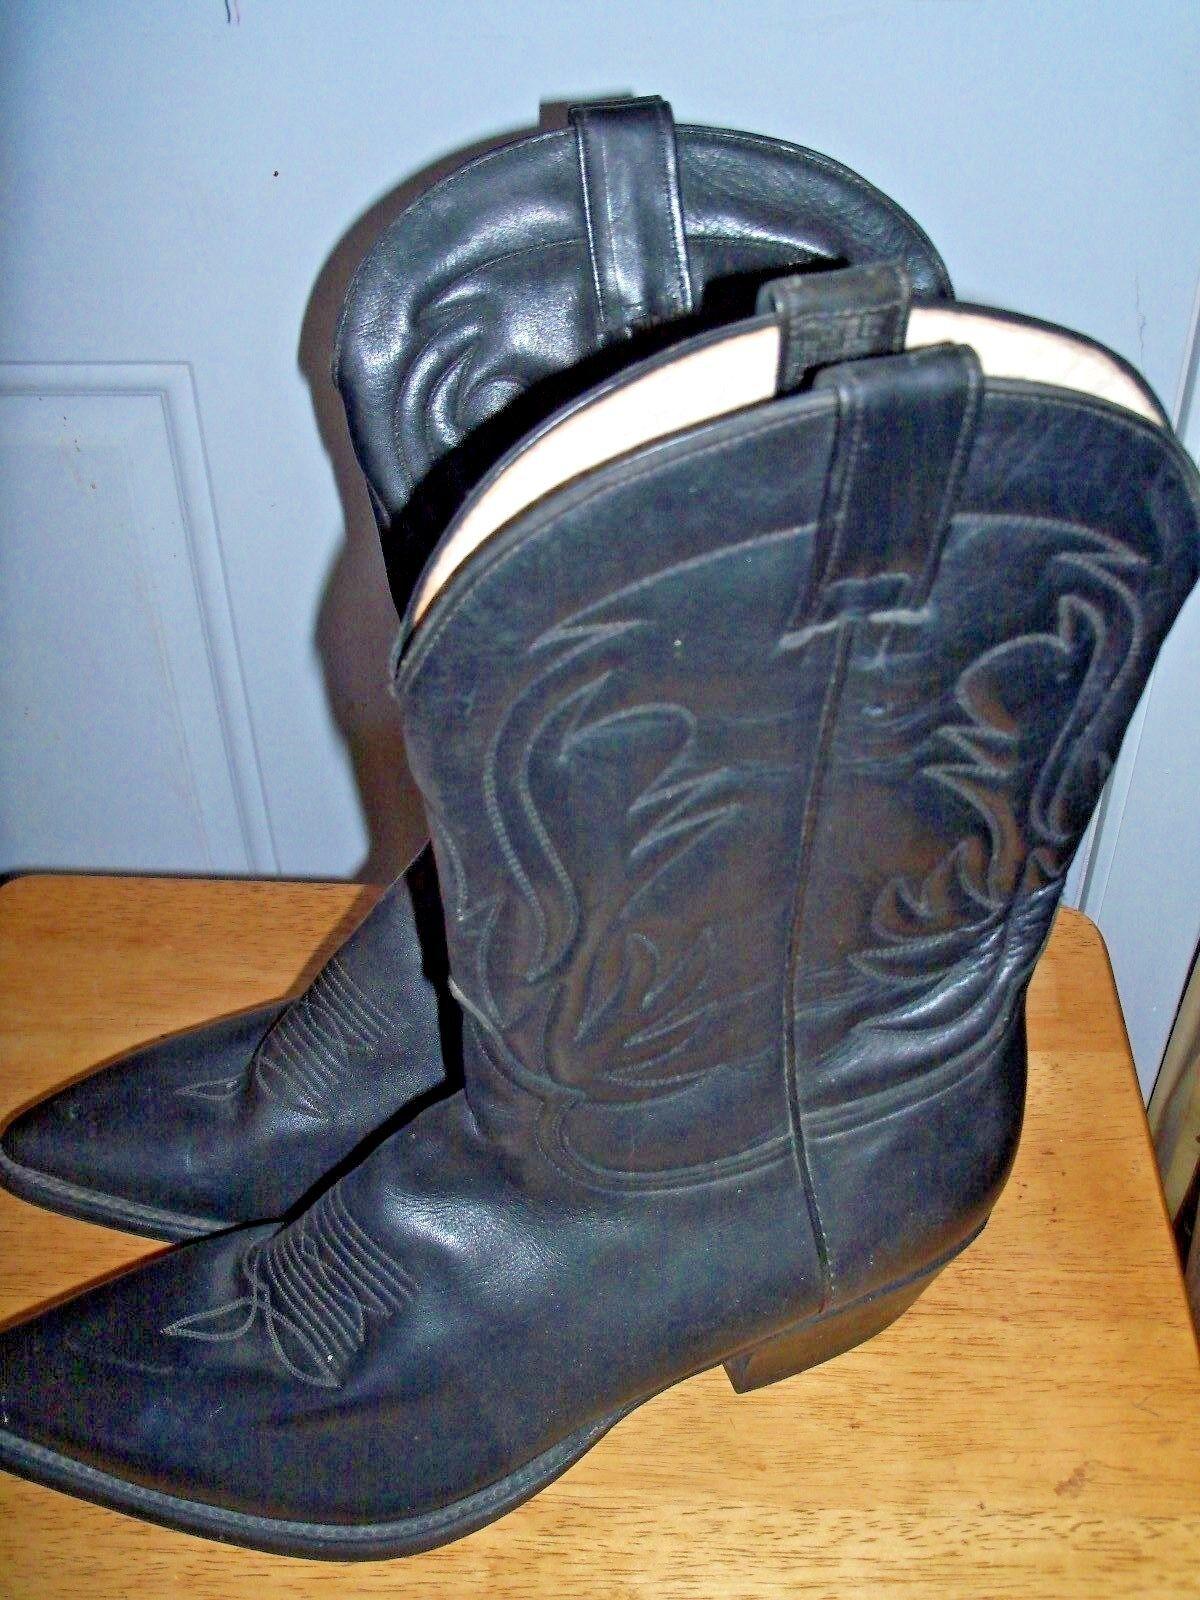 Occidental de cuero botas de Vaquero  Cuevas de hombre talla 11 EE. UU. Nuevo Negro Hecho En México  100% precio garantizado